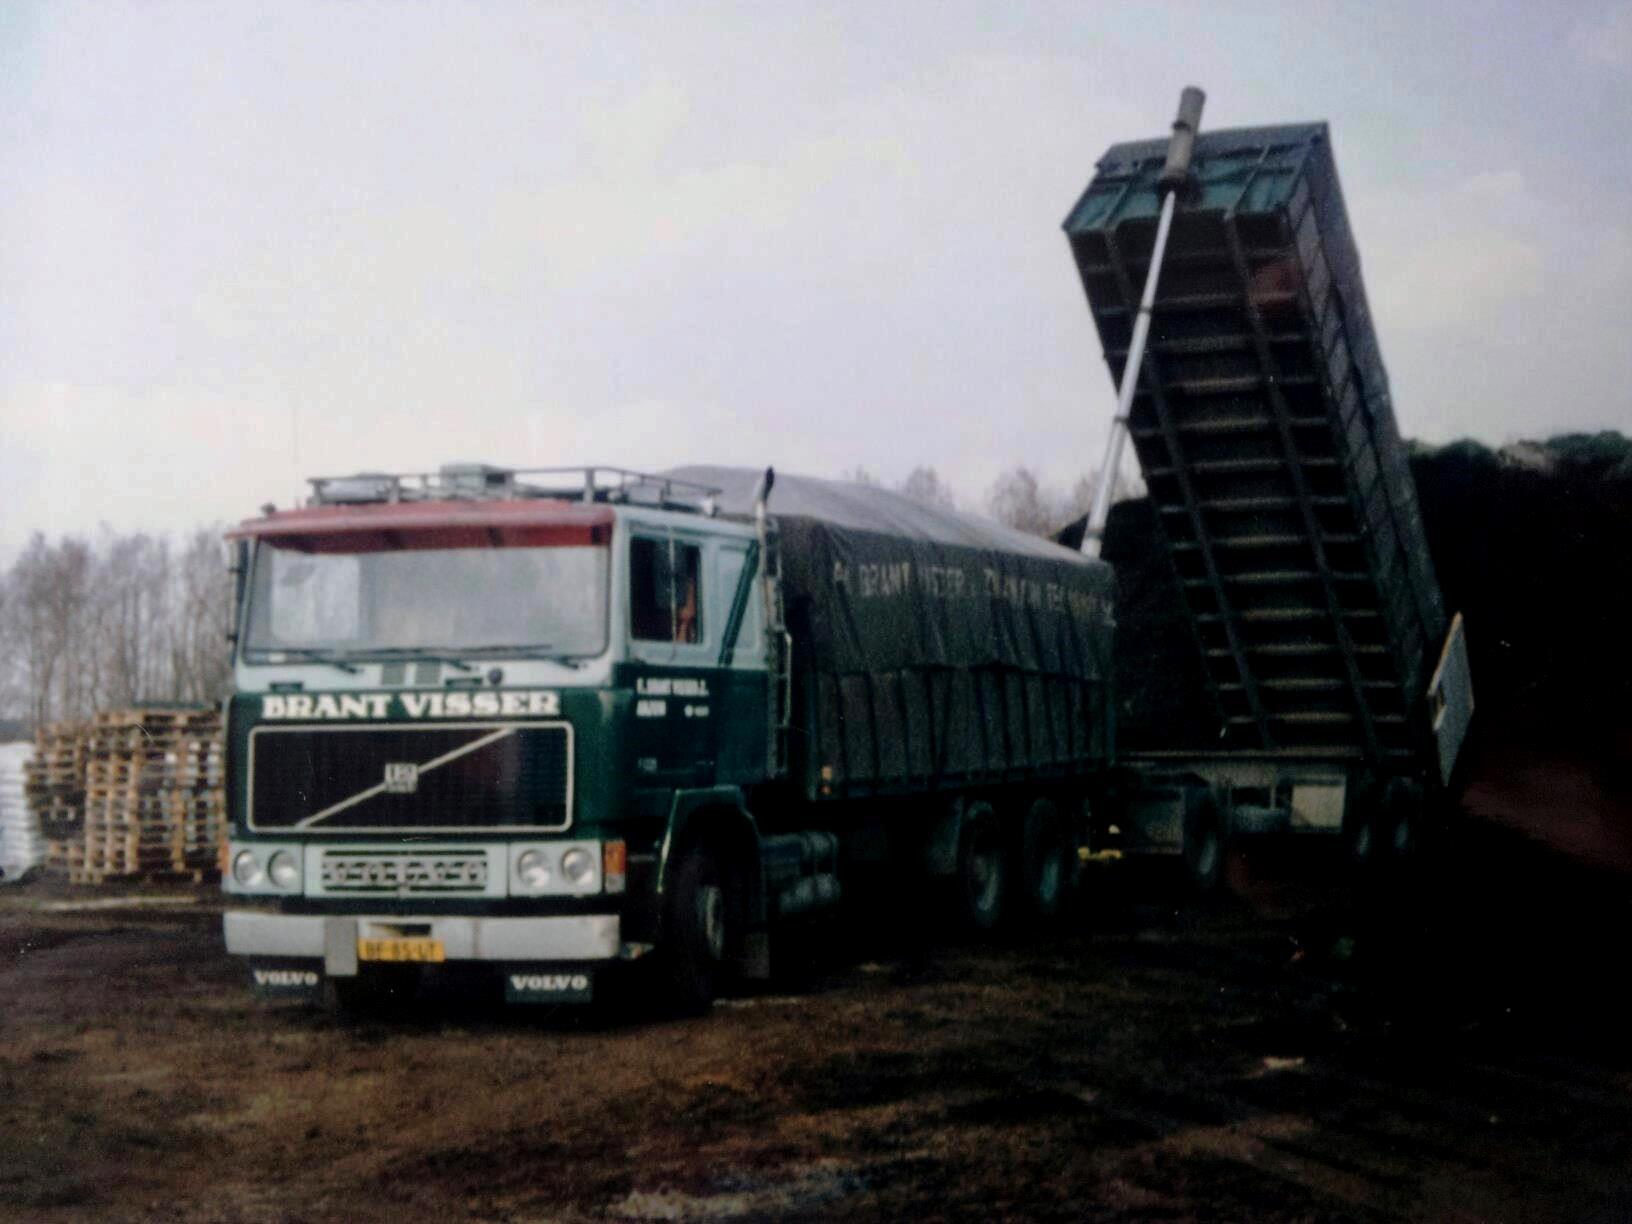 Volvo-F12--BF-85-LT-chauffeur-Brant-Visser-huidige-directeur